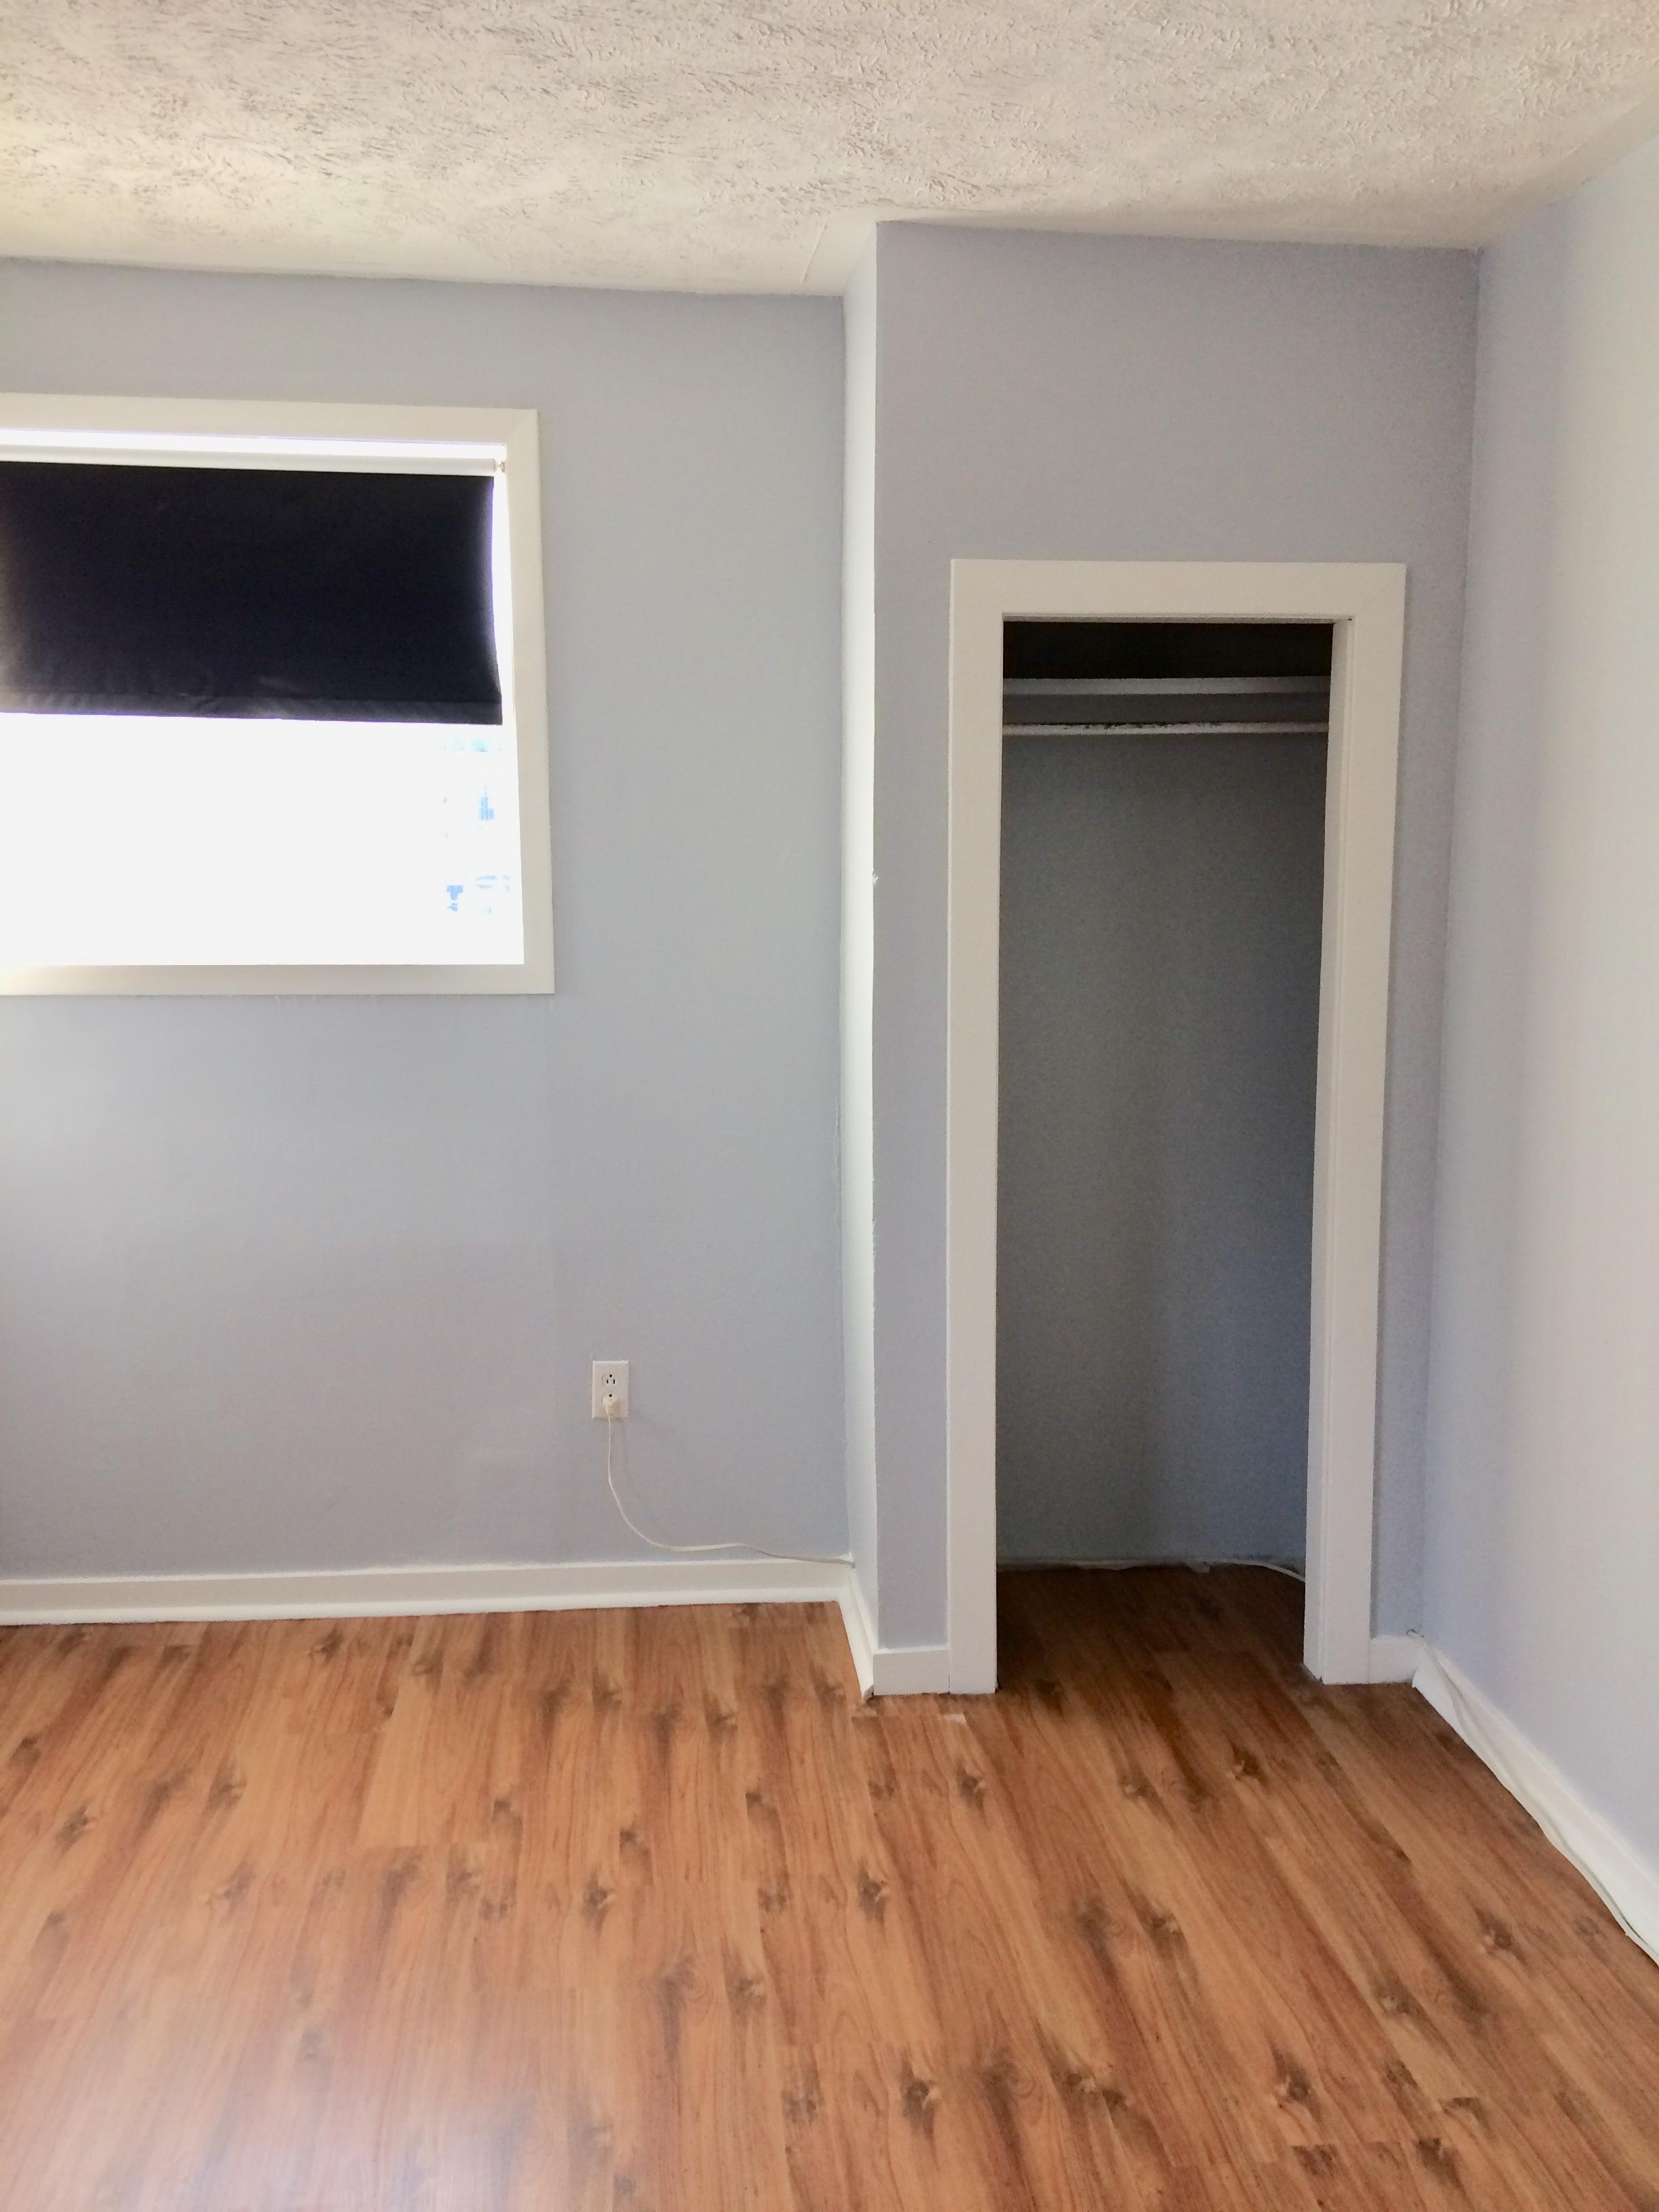 13. Second bedroom